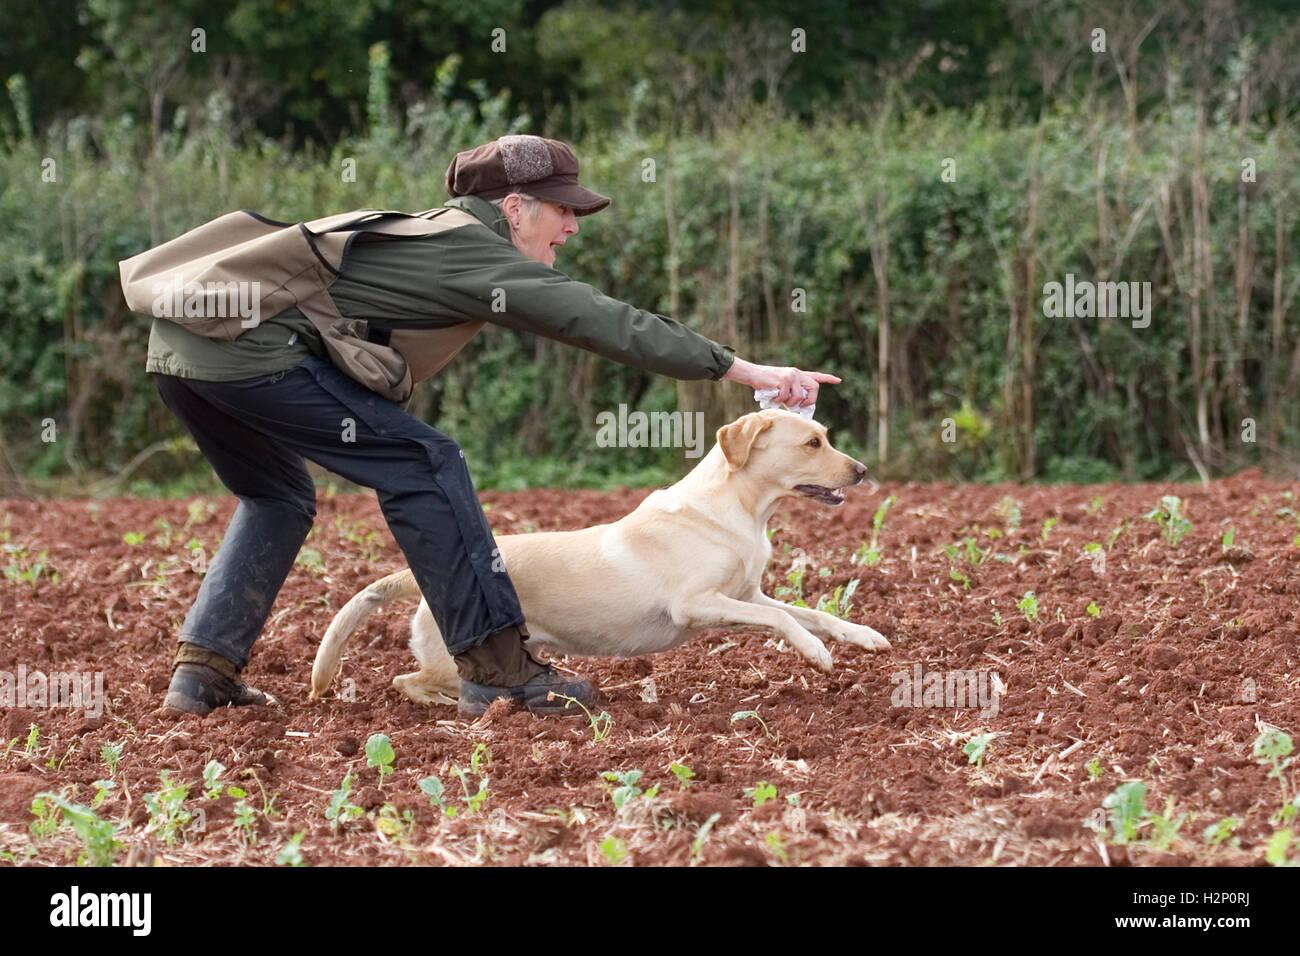 labrador retriever being trained - Stock Image